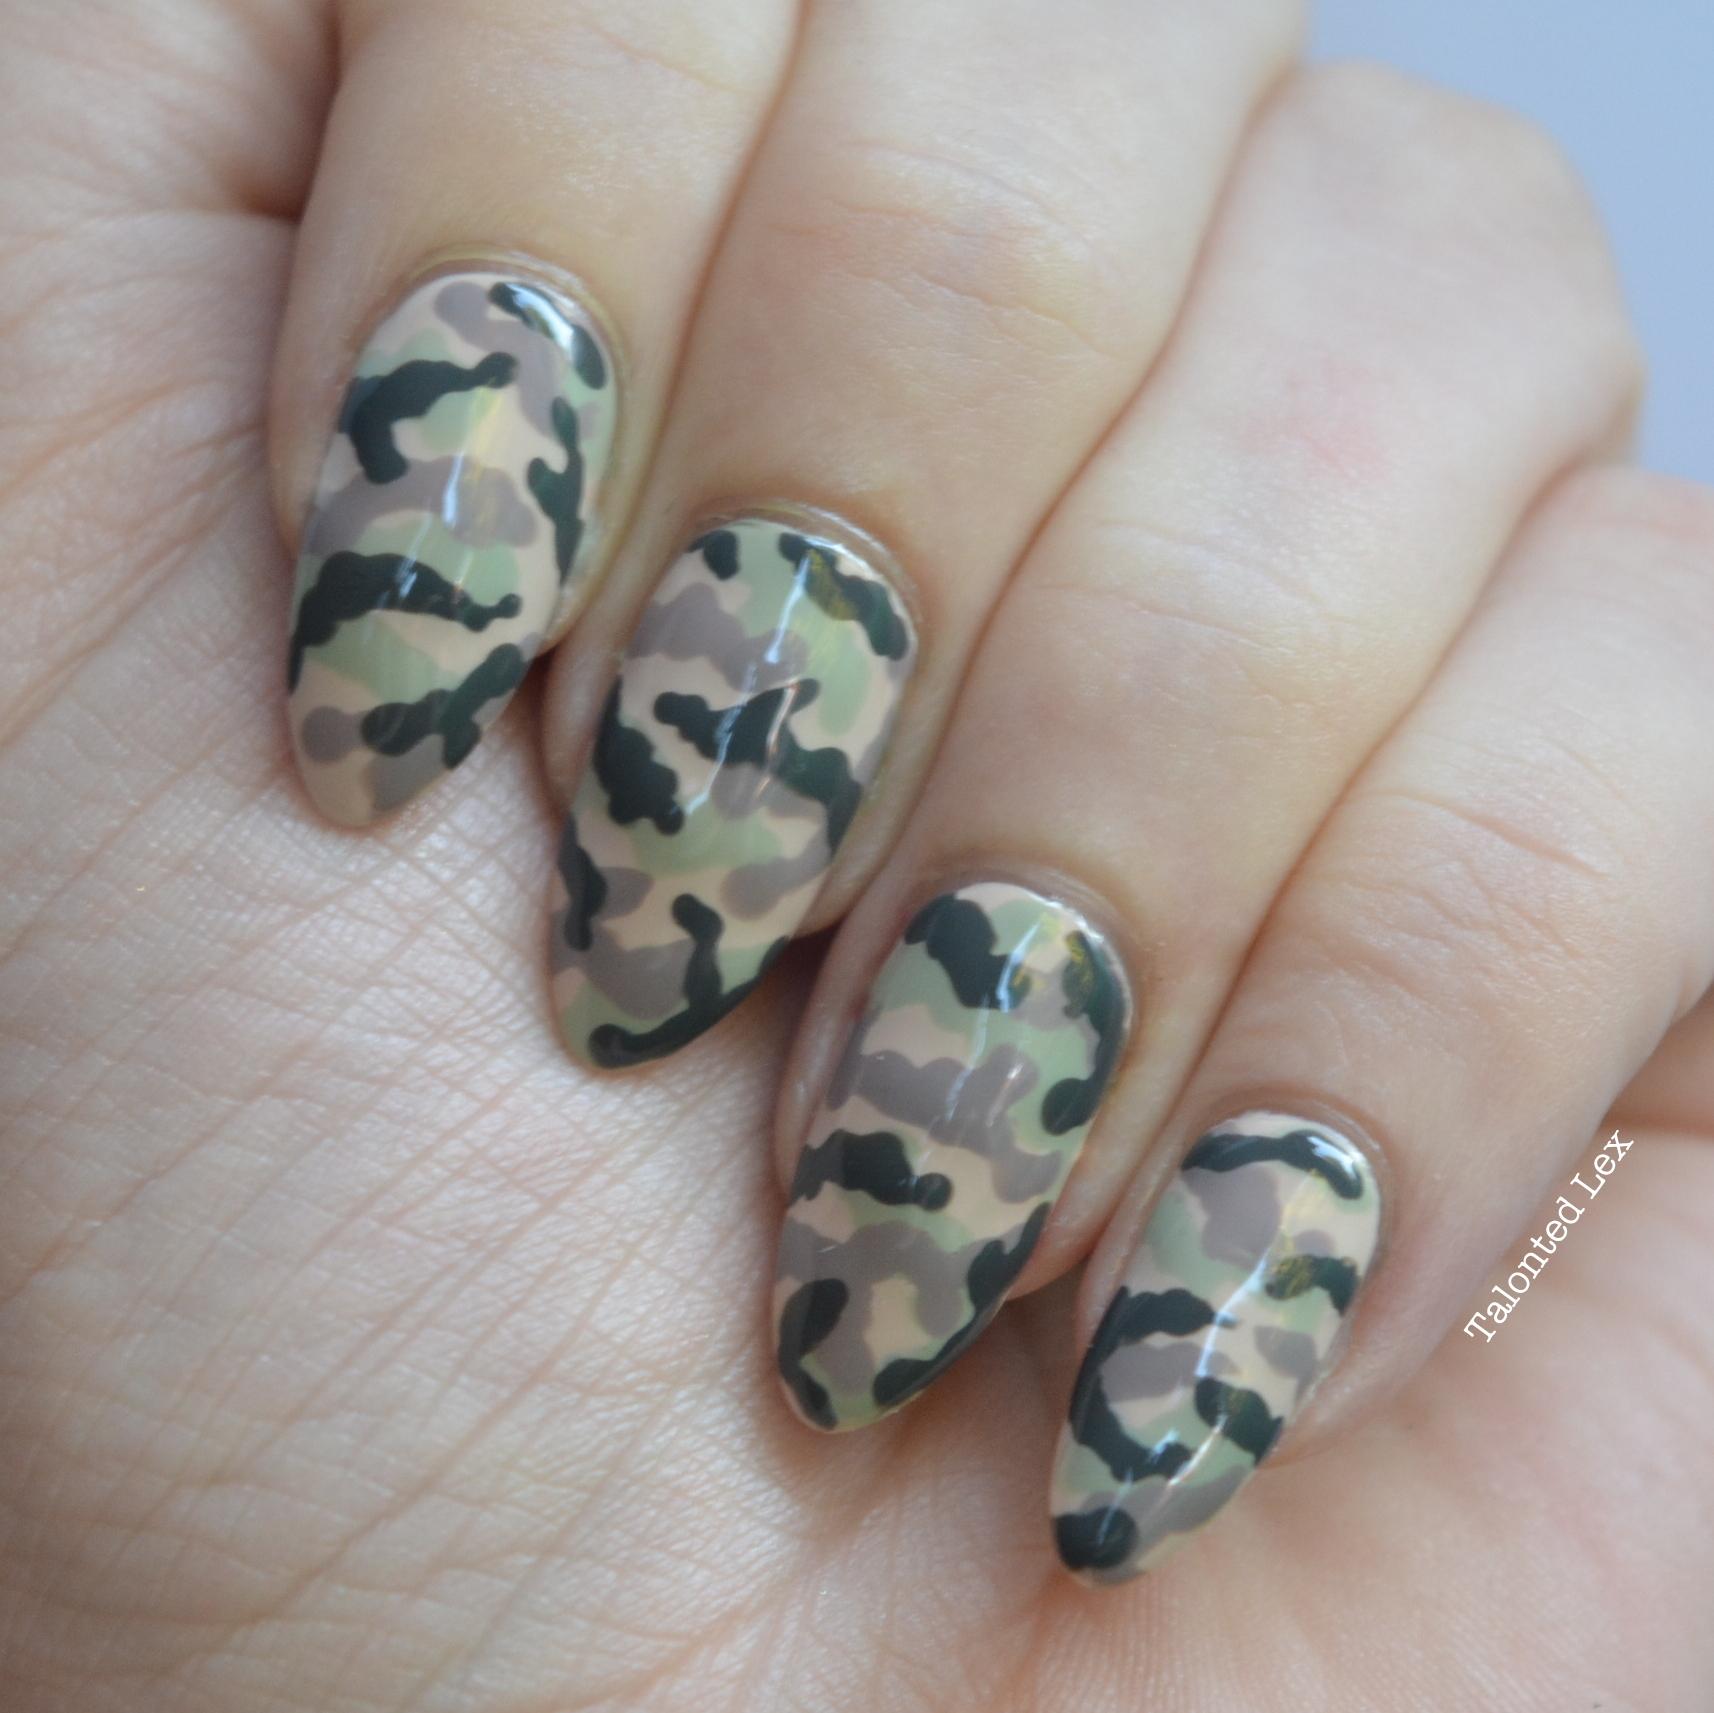 Mani-Monday-Camouflage-nail-art-Talonted-Lex